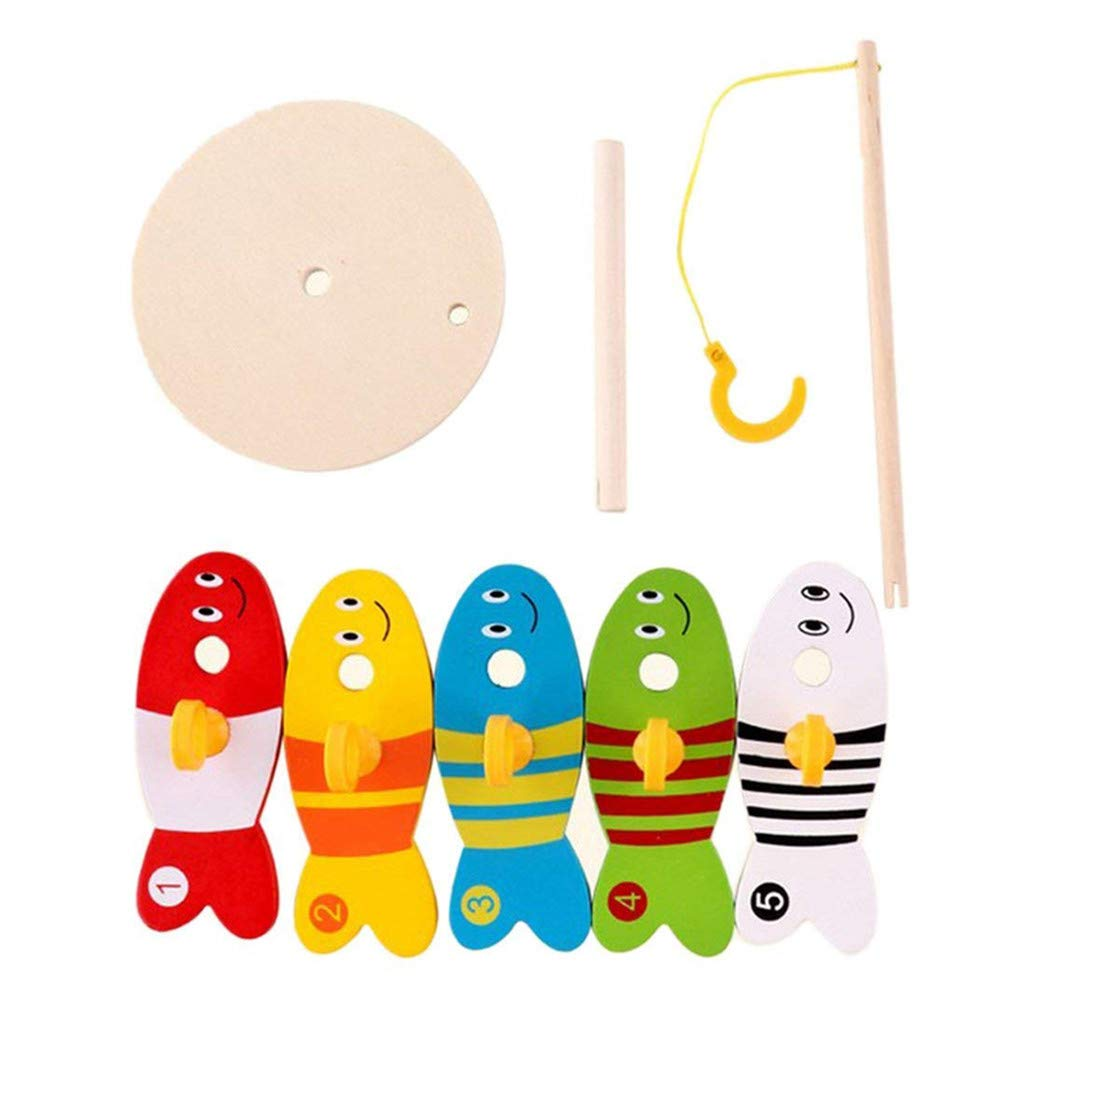 Yingwei VWH 8 Pcs en Bois de P/êche Jouets pour Enfants Num/érique Colonne Montessori Jouets /Éducatifs